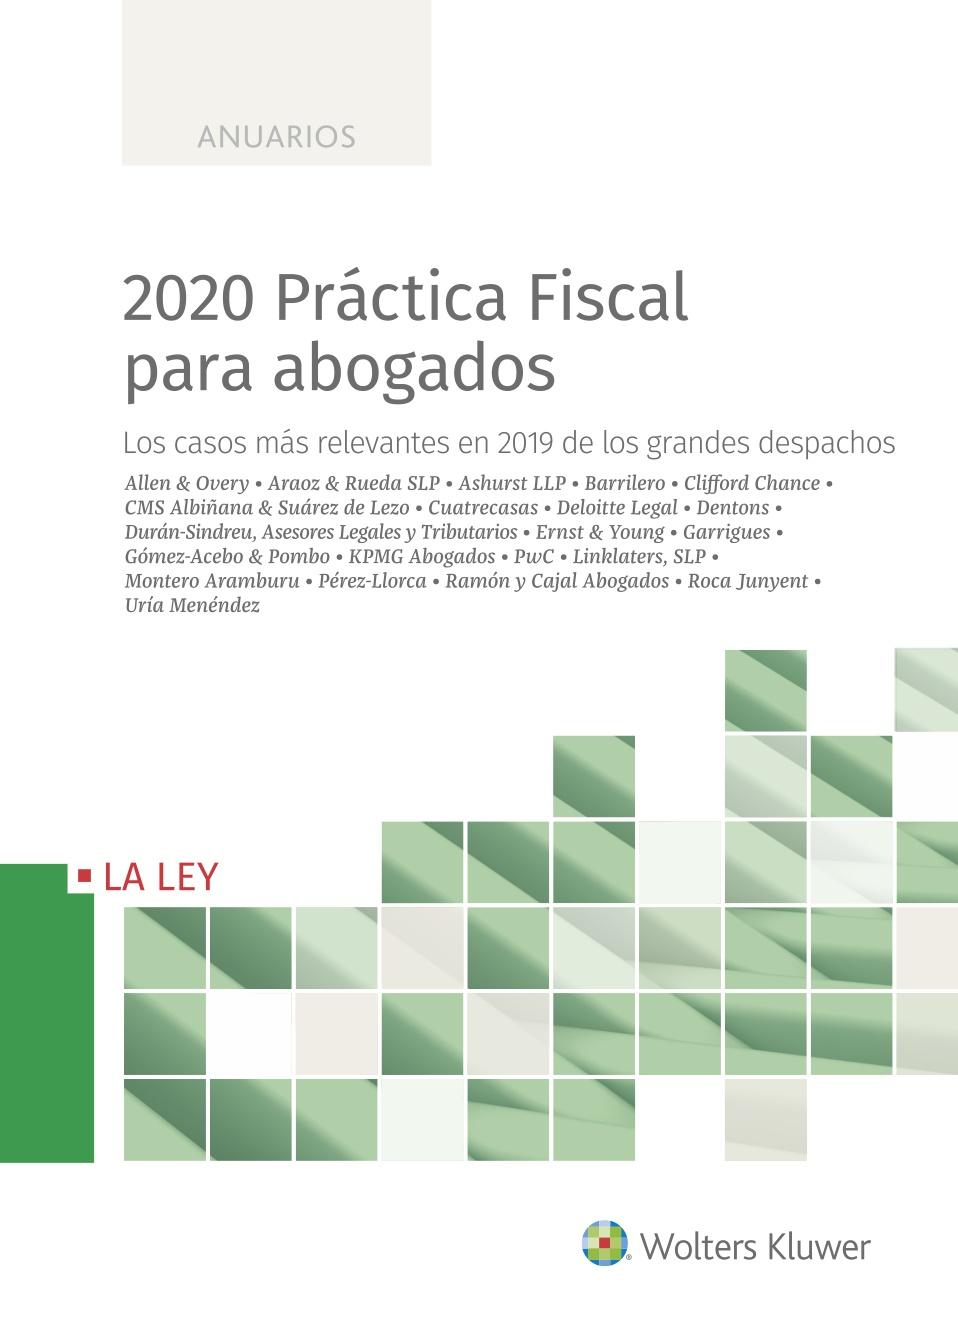 2020 Práctica Fiscal para abogados   «Los casos más relevantes en 2019 de los grandes despachos»